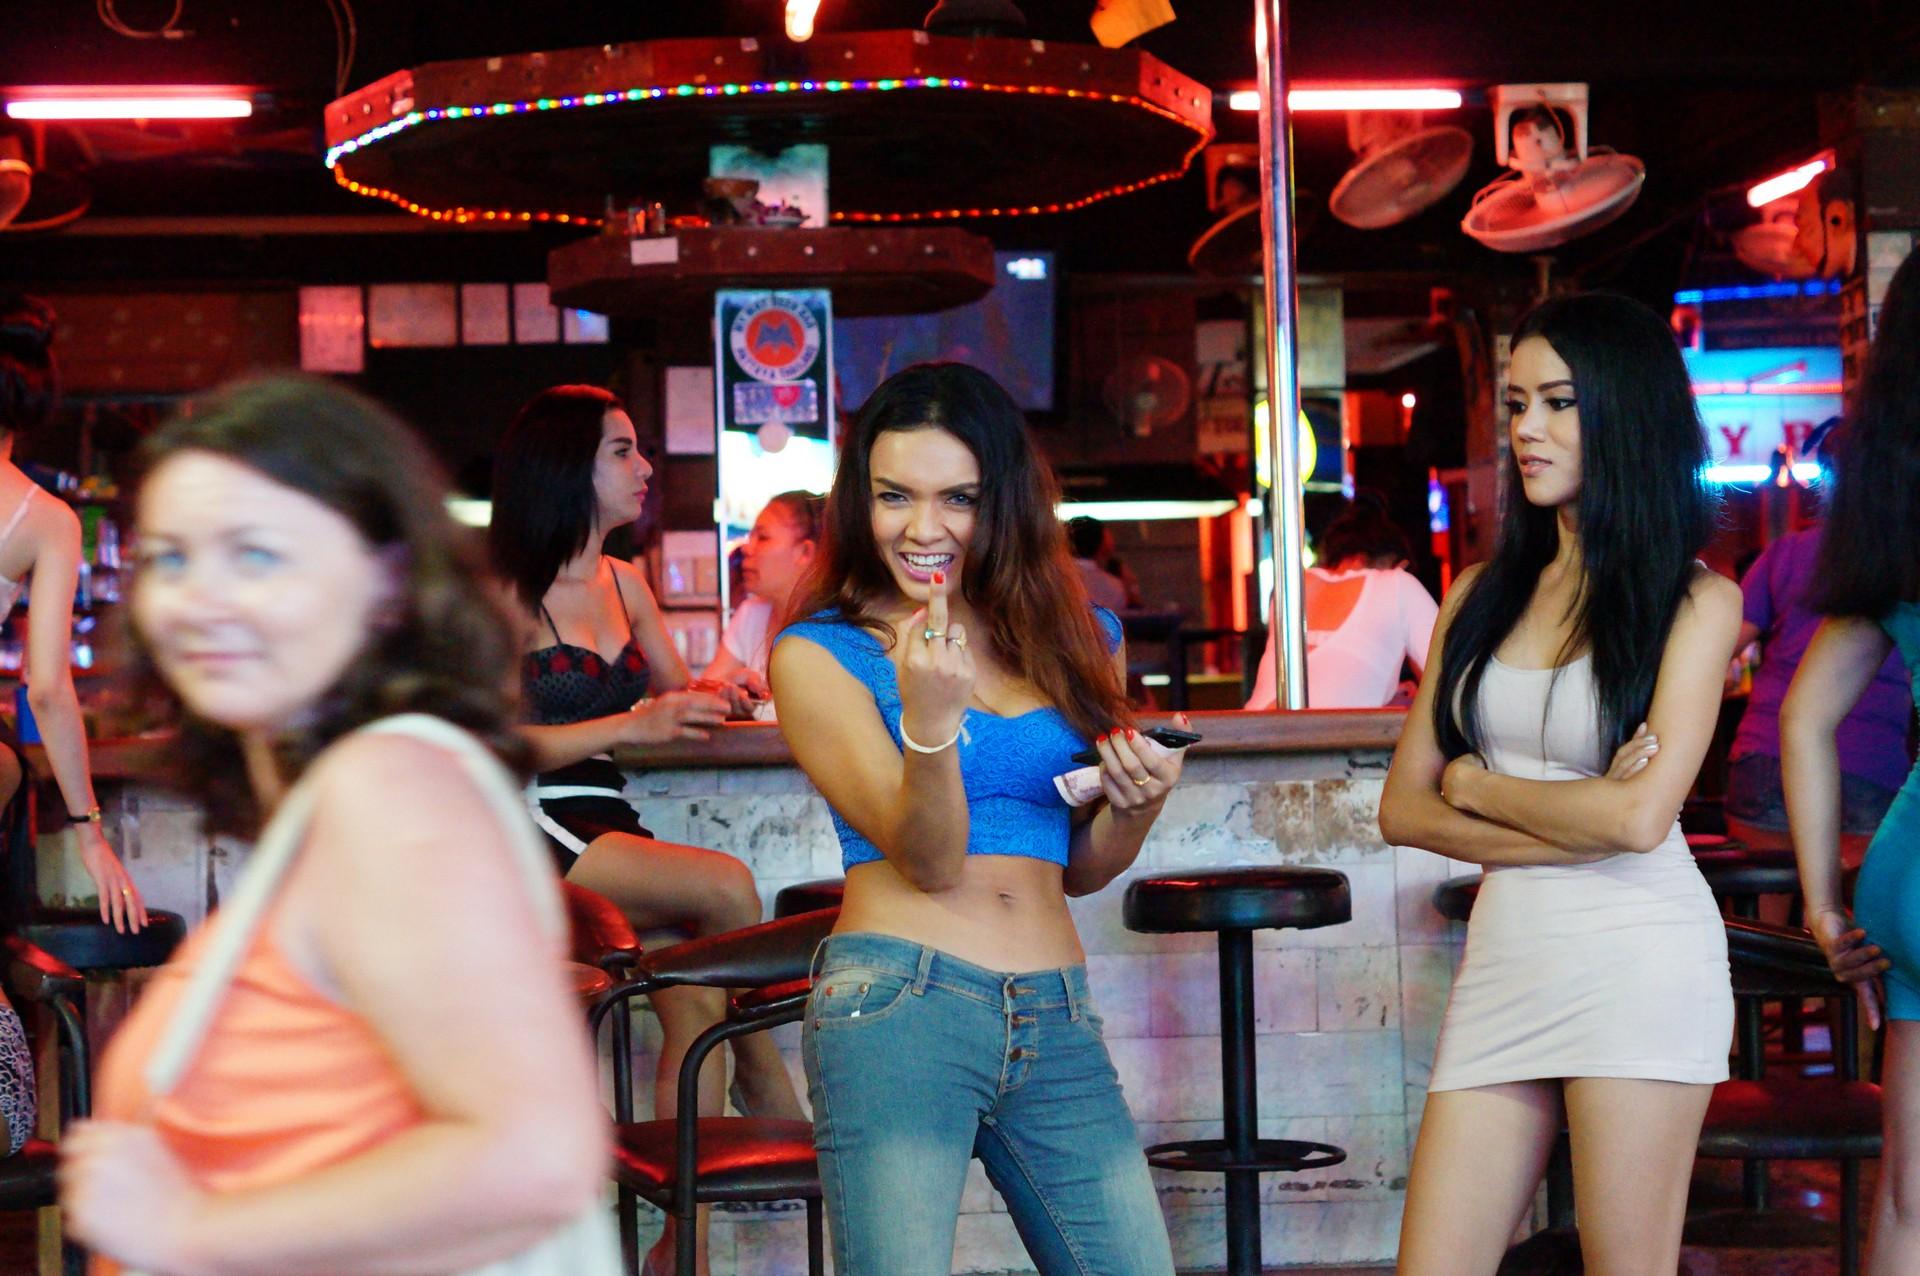 Проститутки паттайя онлайн — pic 12